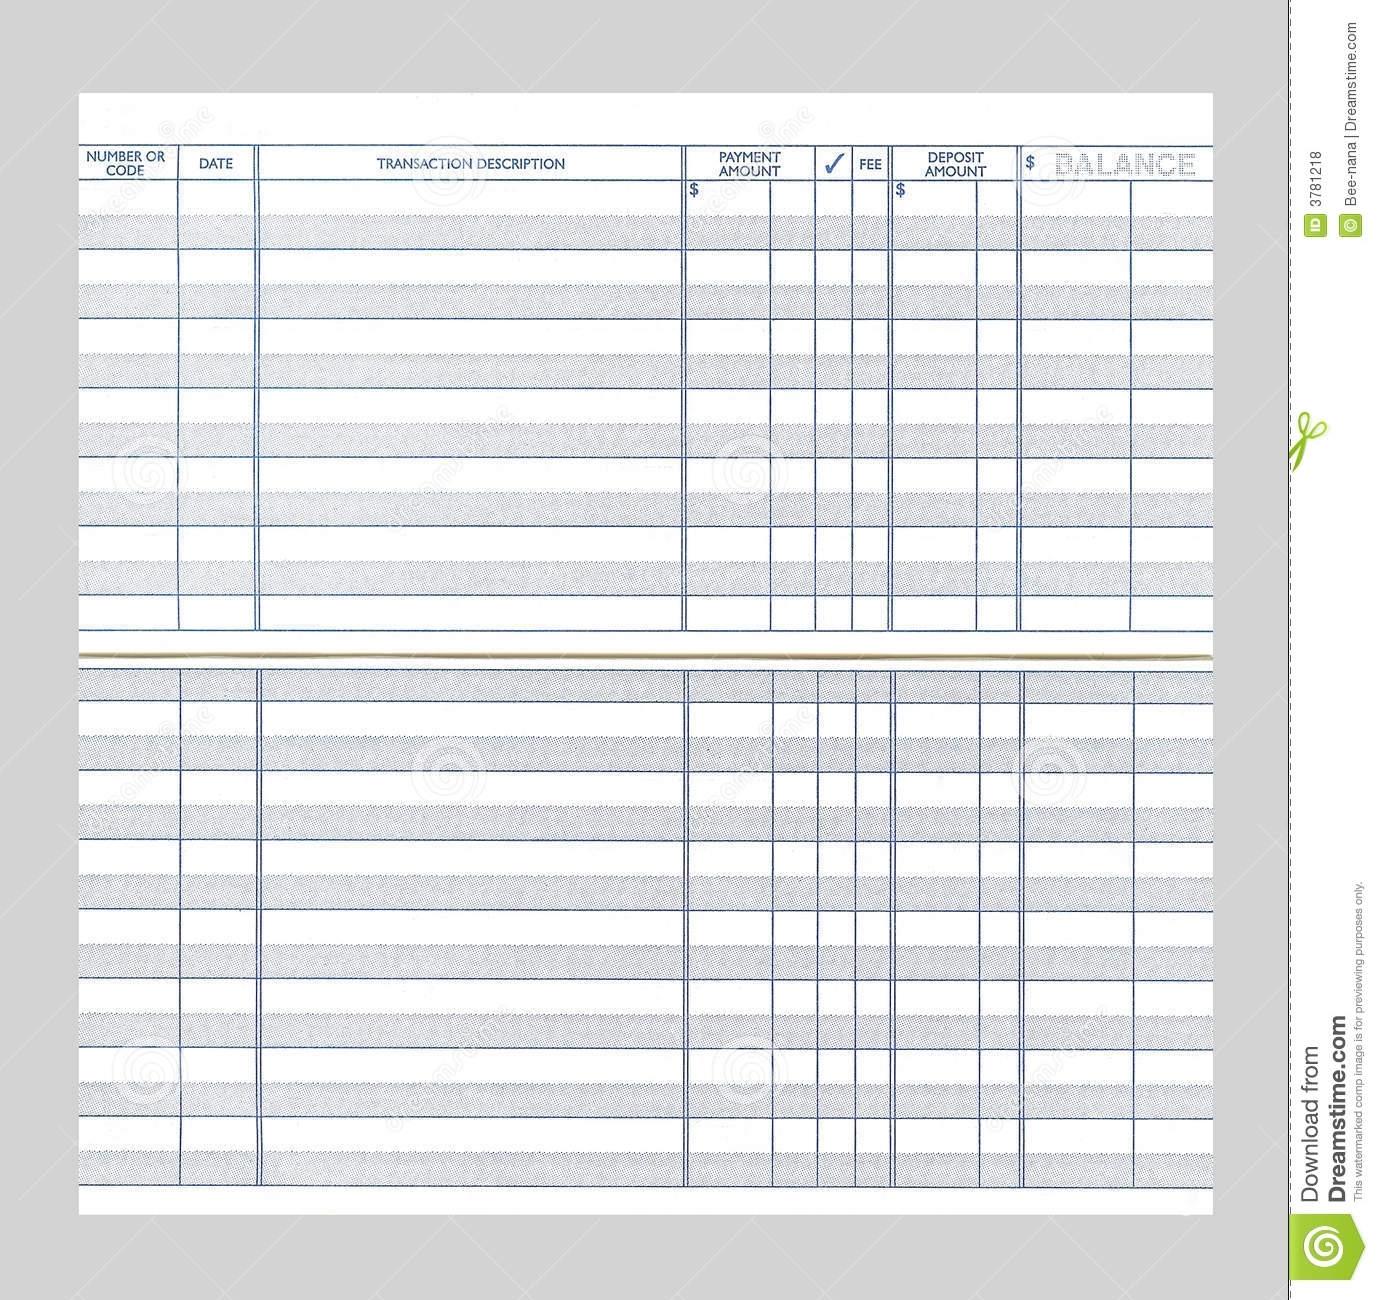 Blank Checkbook Register Stock Photo. Image Of Register